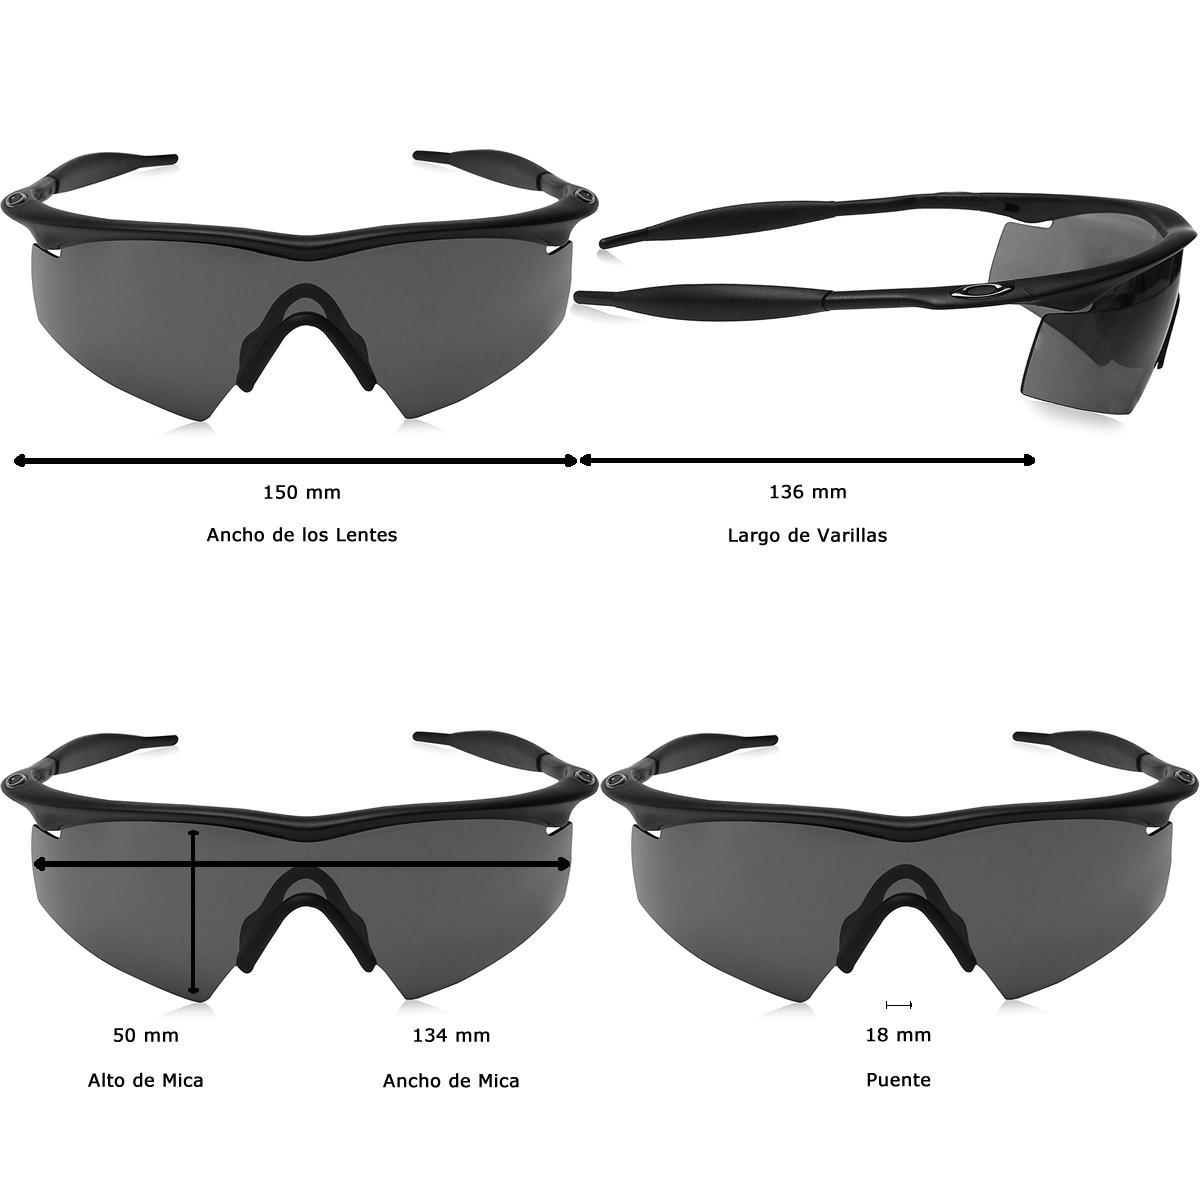 Lentes Oakley S I Ballistic M Frame Strike Matt Black / Grey ...